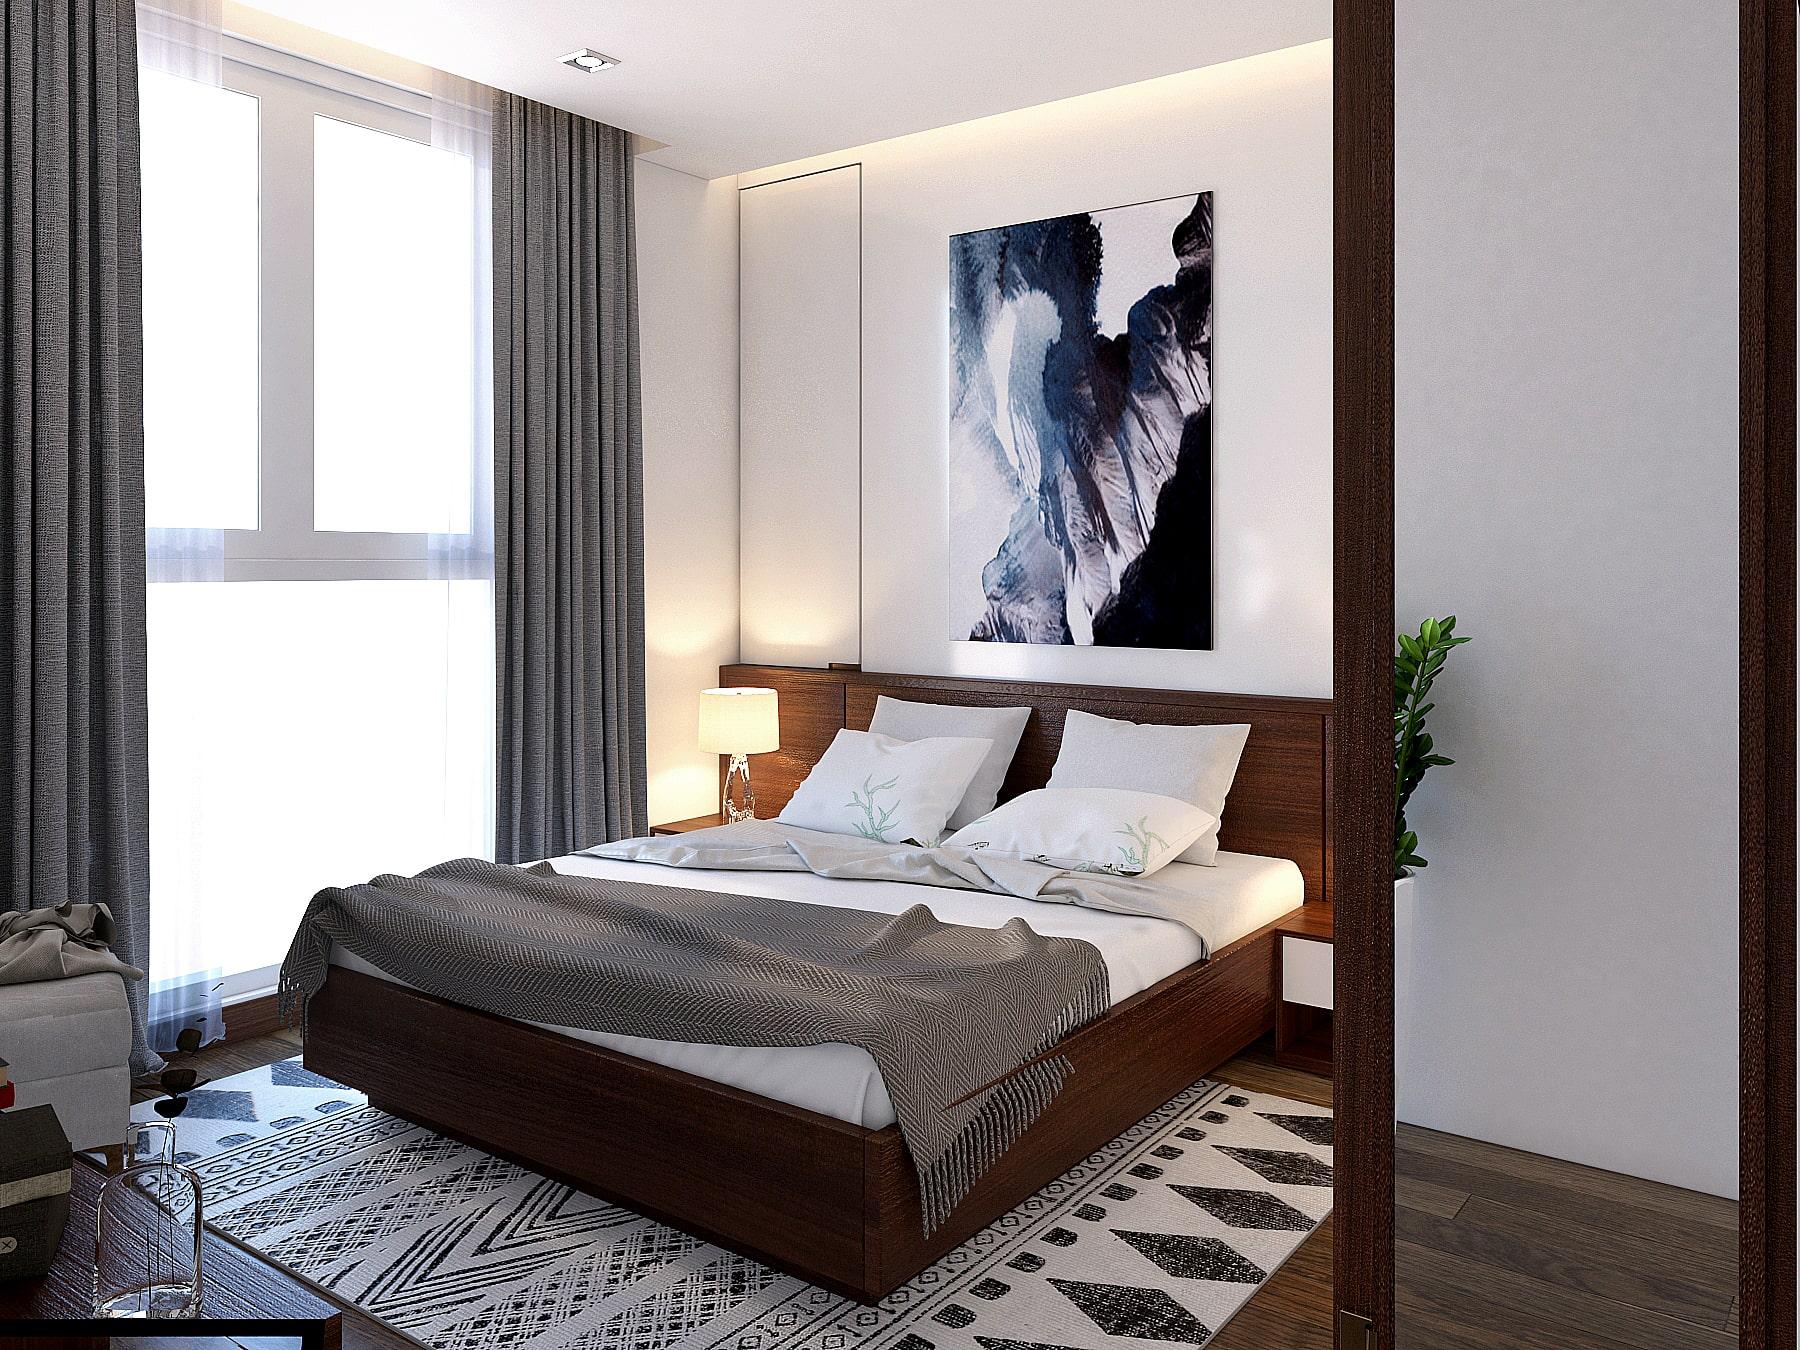 Ấn tượng thiết kế nội thất phòng ngủ nhà ống, chung cư Hoàng Mai